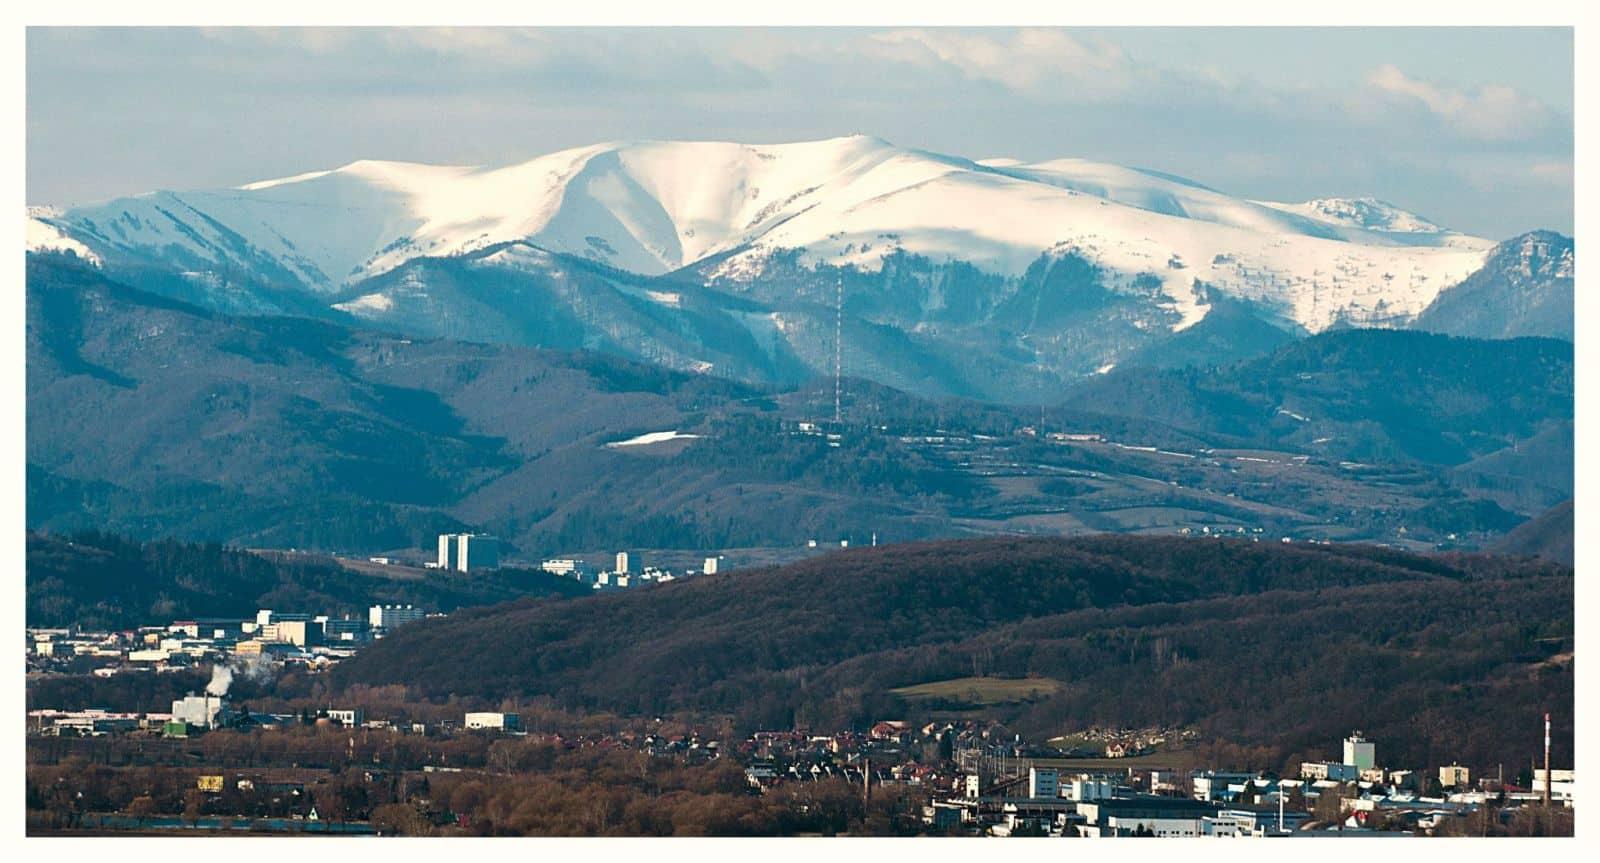 Autor: Miroslav Turek_Hiking photography © Banska_Bystrica_v_pozadi_masiv_Nizkych_Tatier